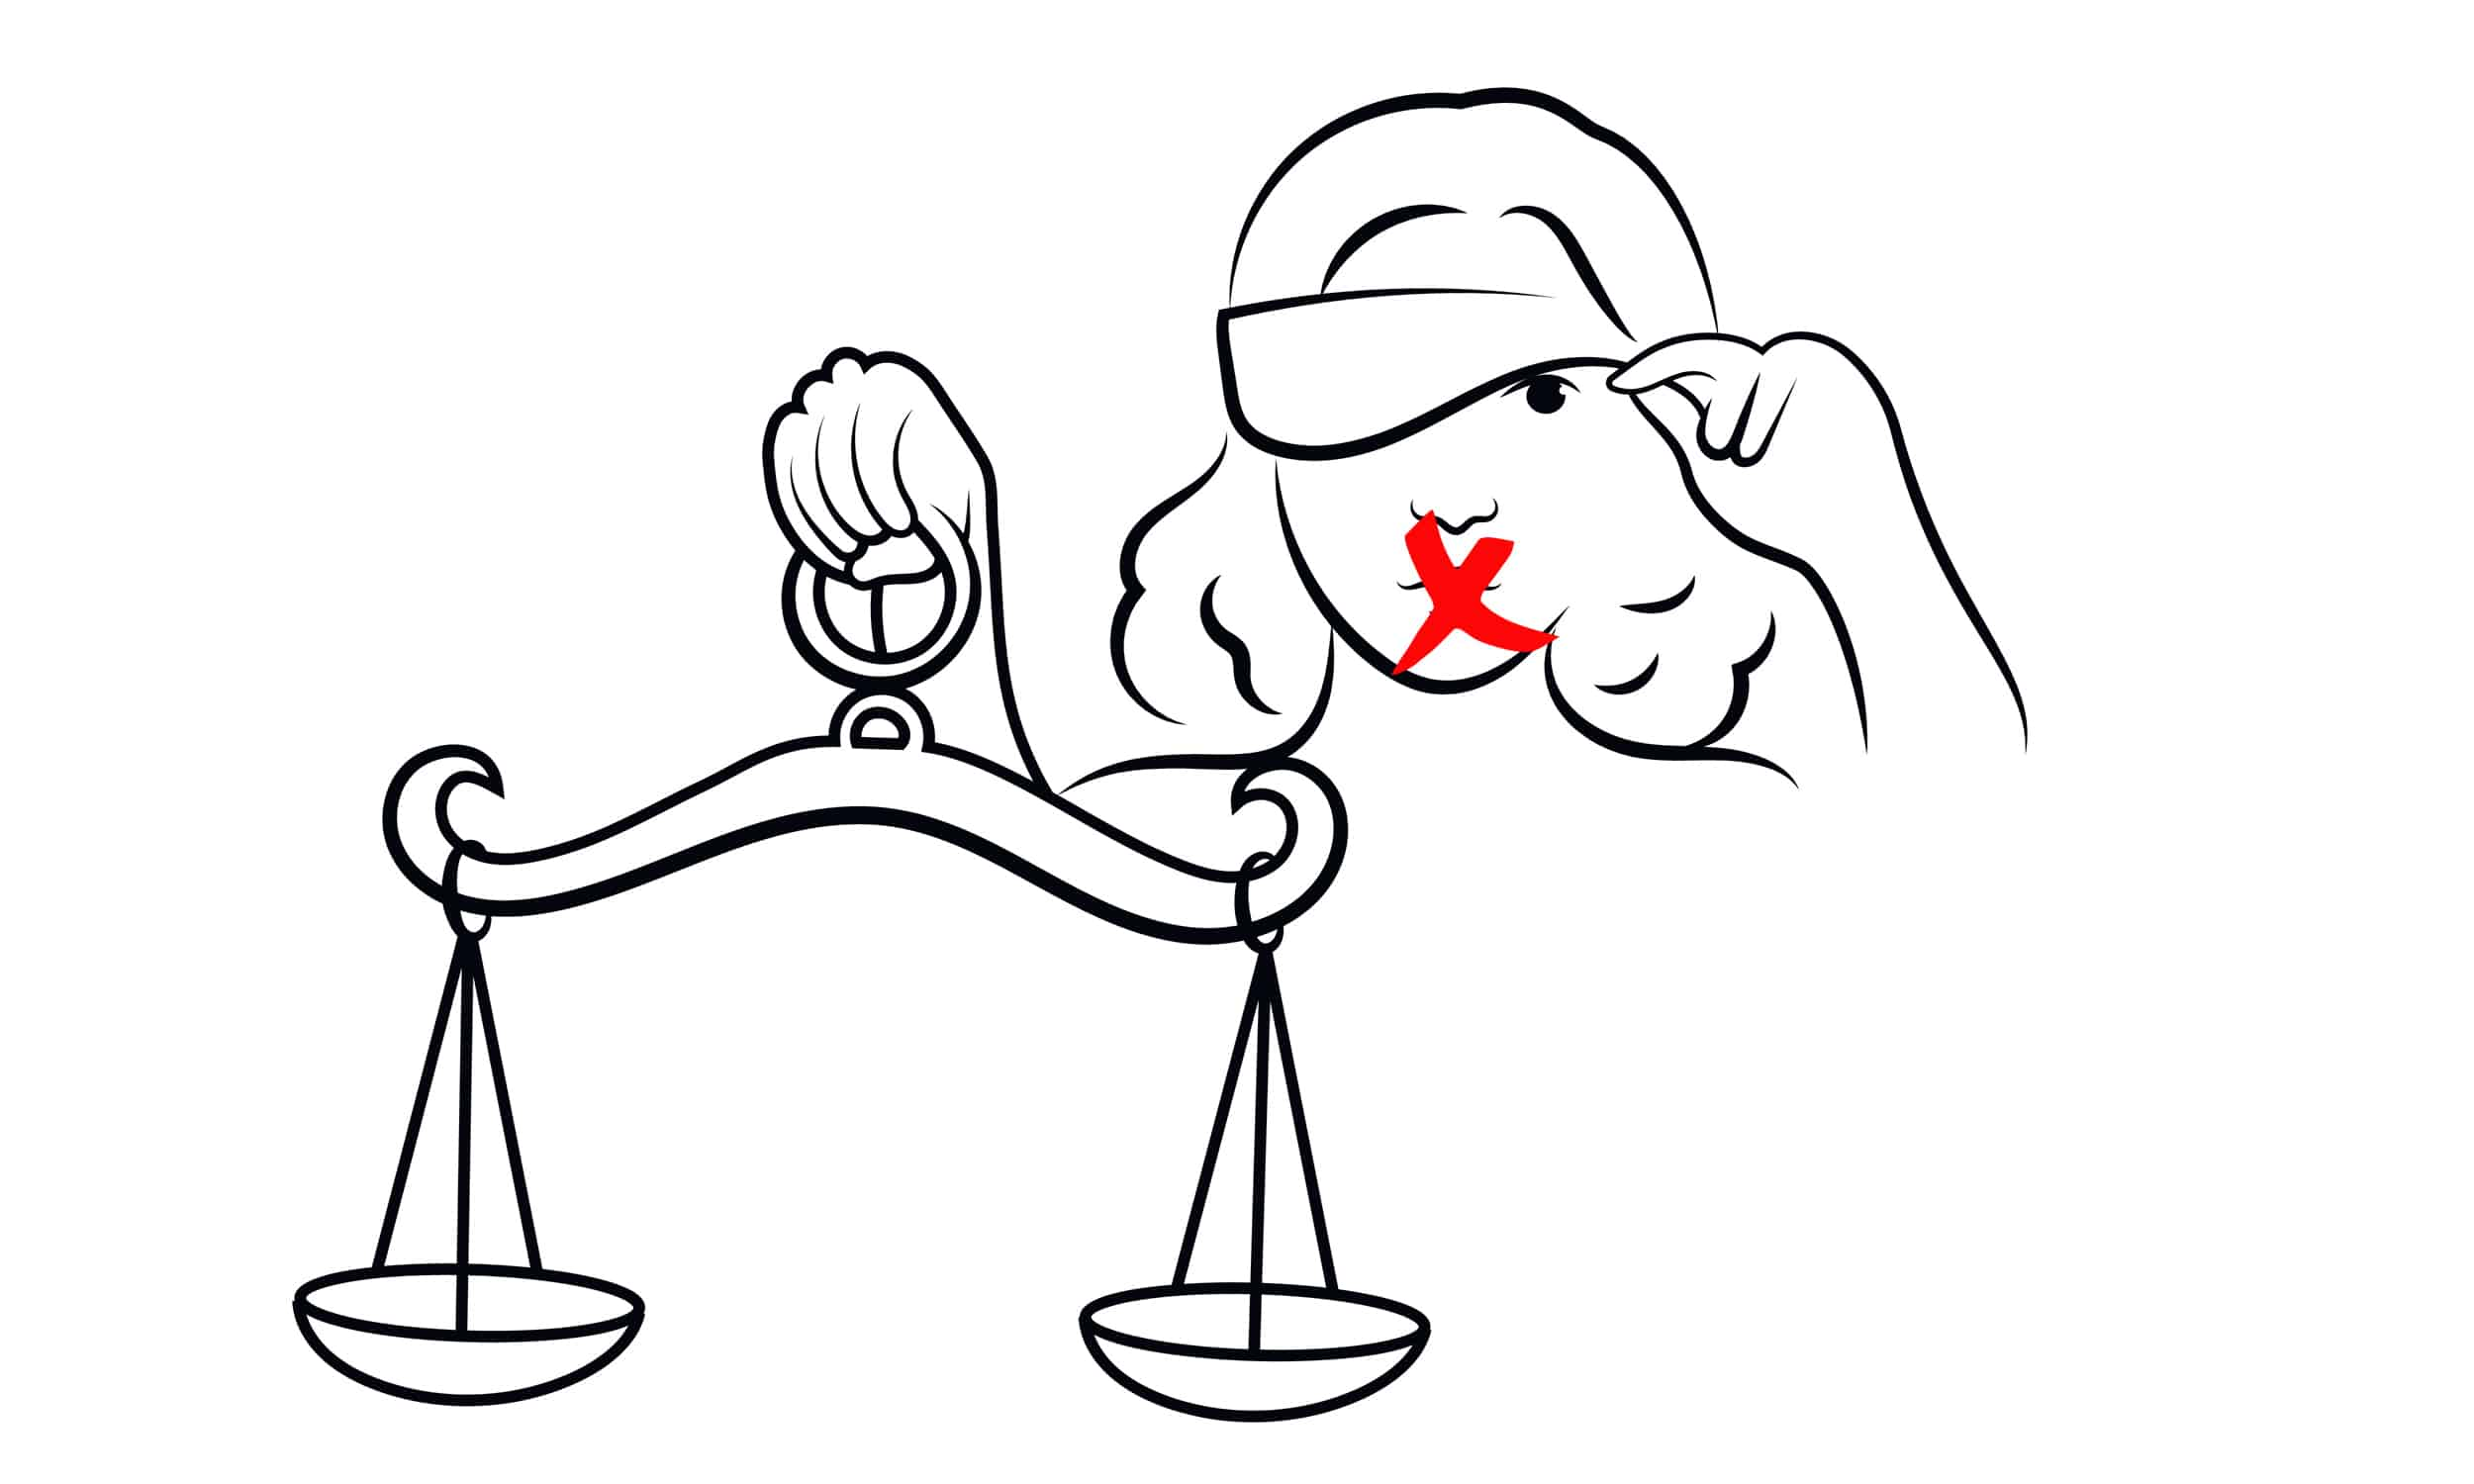 צו איסור פרסום - יתרונות וחסרונות